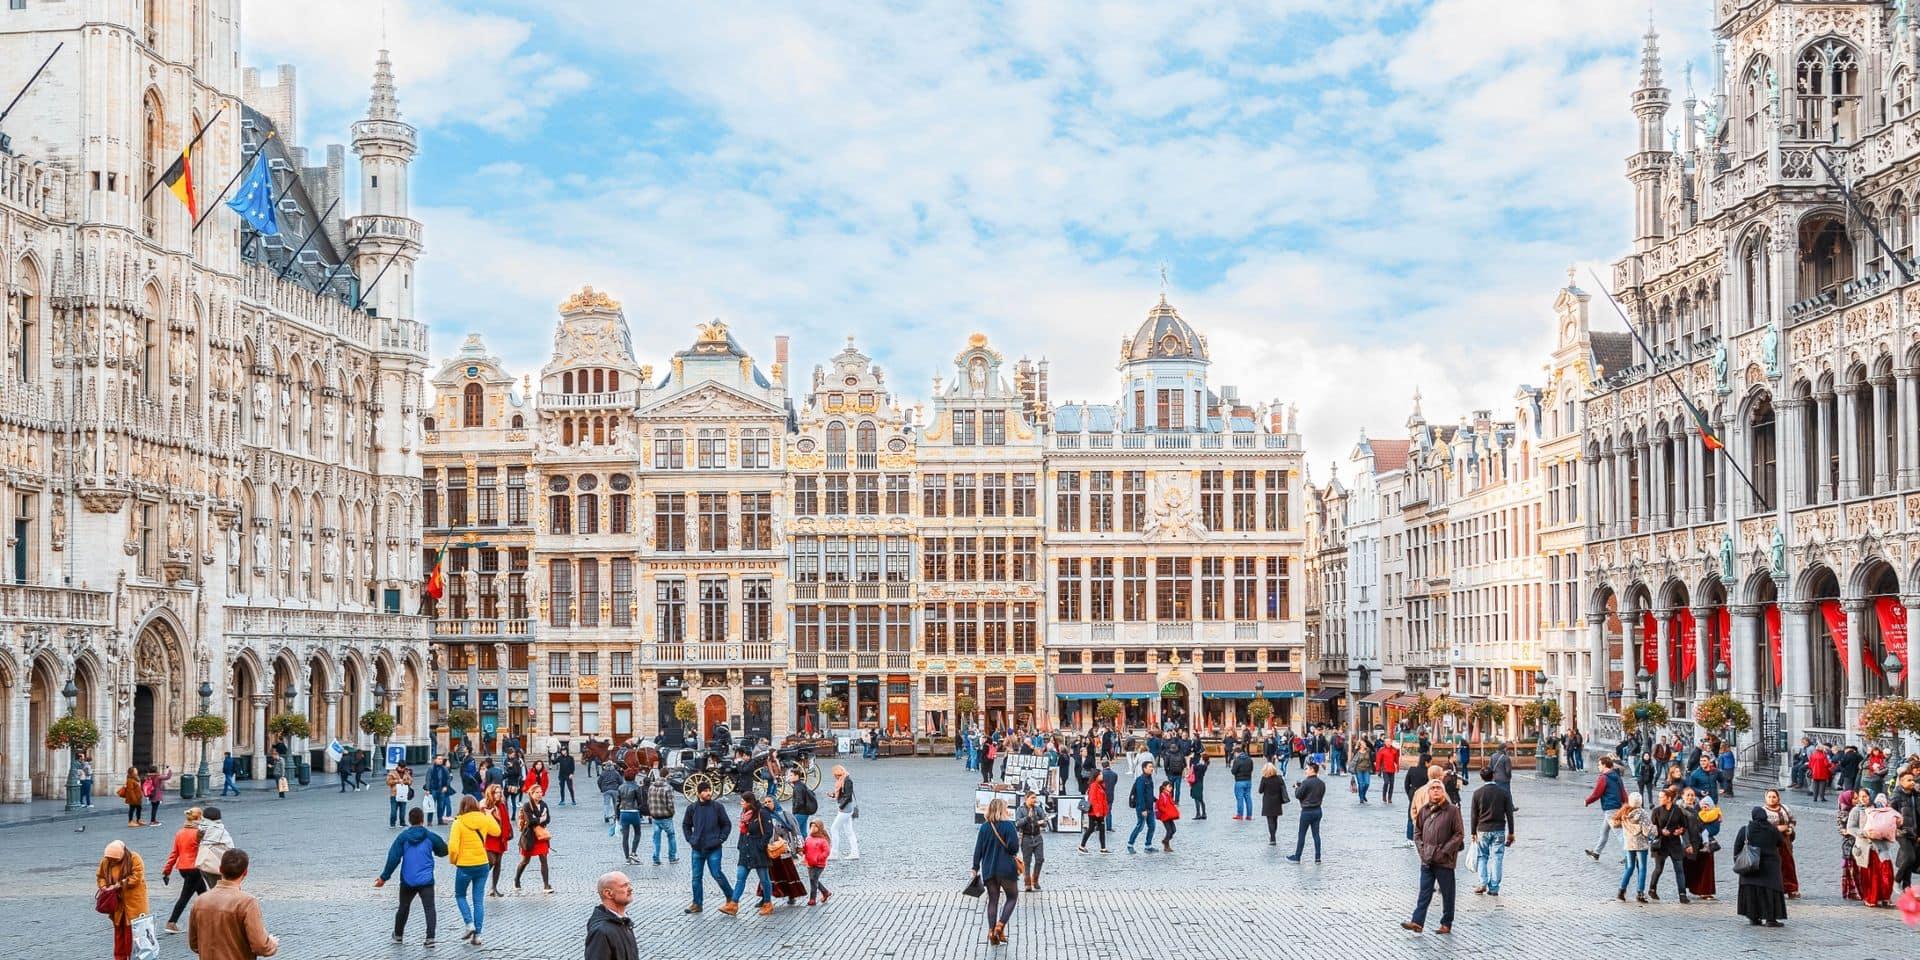 Concerts, spectacles...: Bruxelles prend des mesures strictes pour éviter la propagation du coronavirus